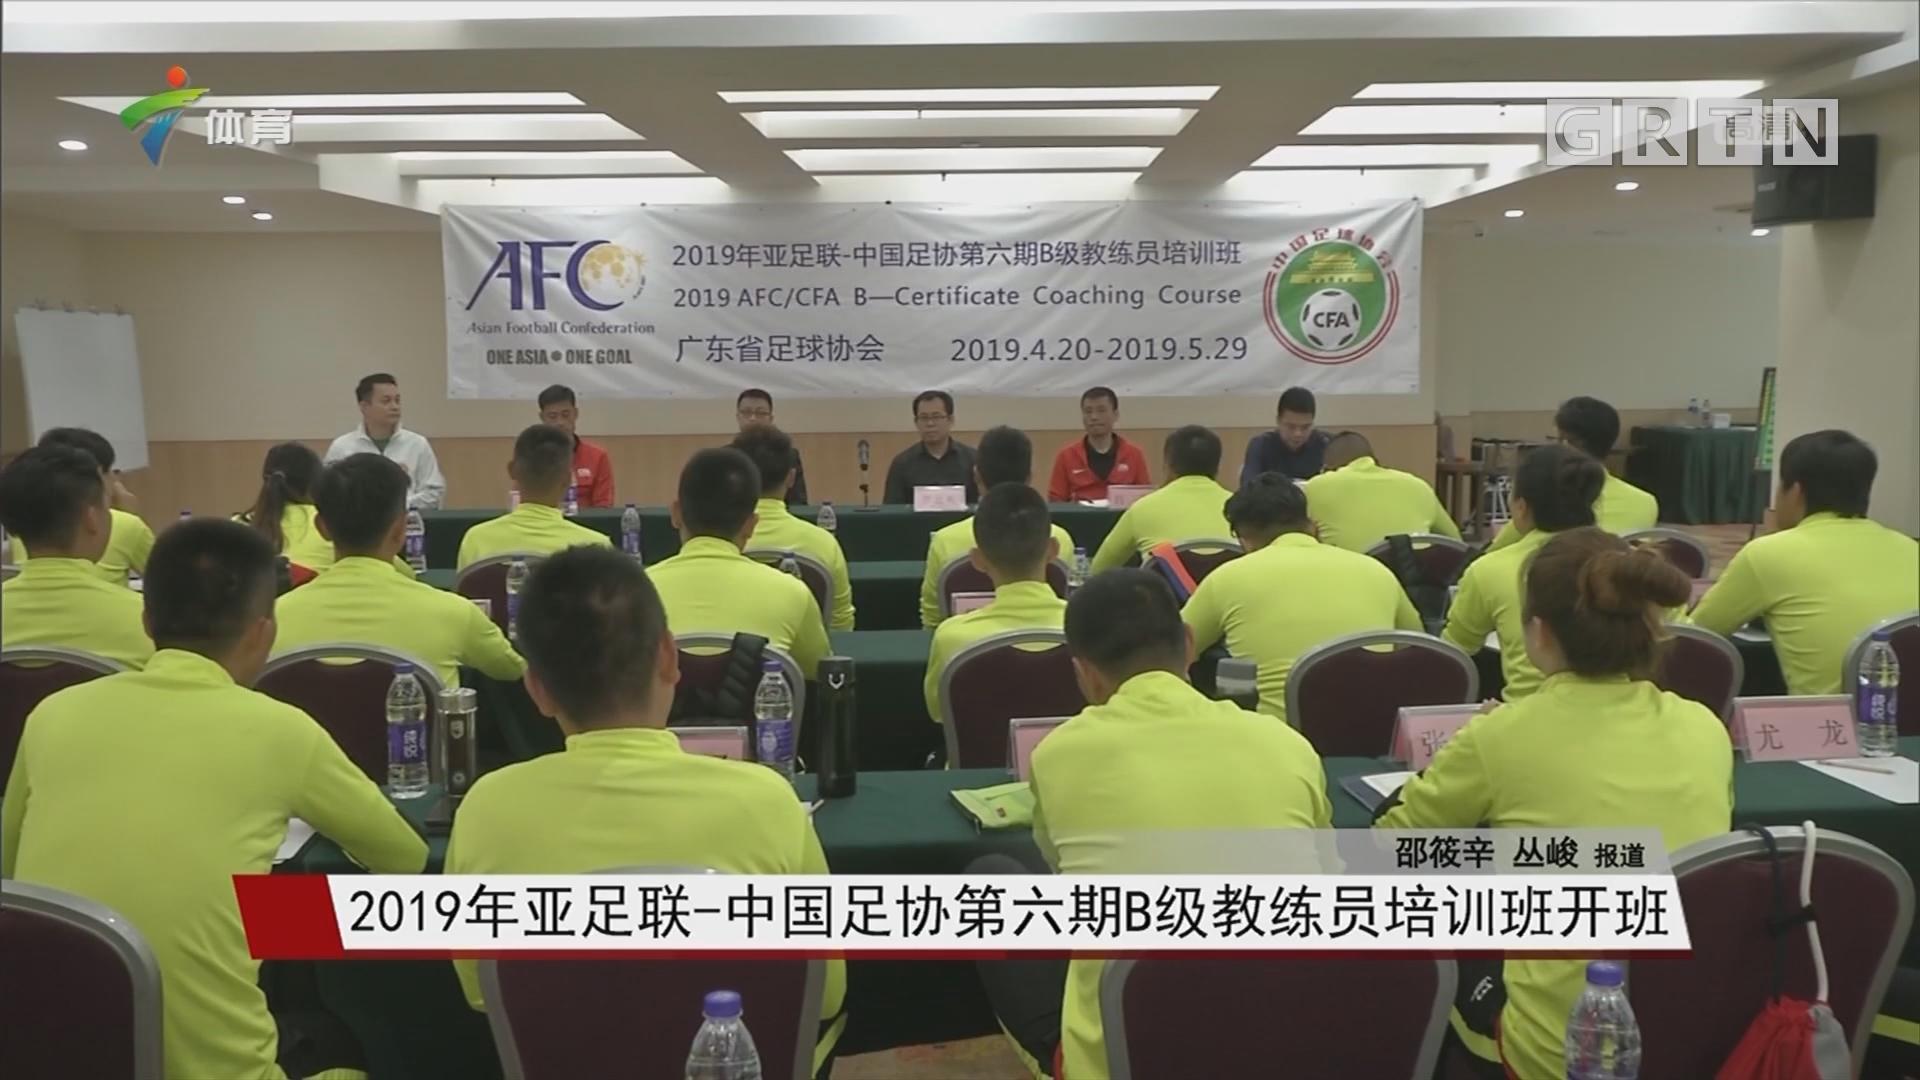 2019年亚足联—中国足协第六期B级教练员培训班开班